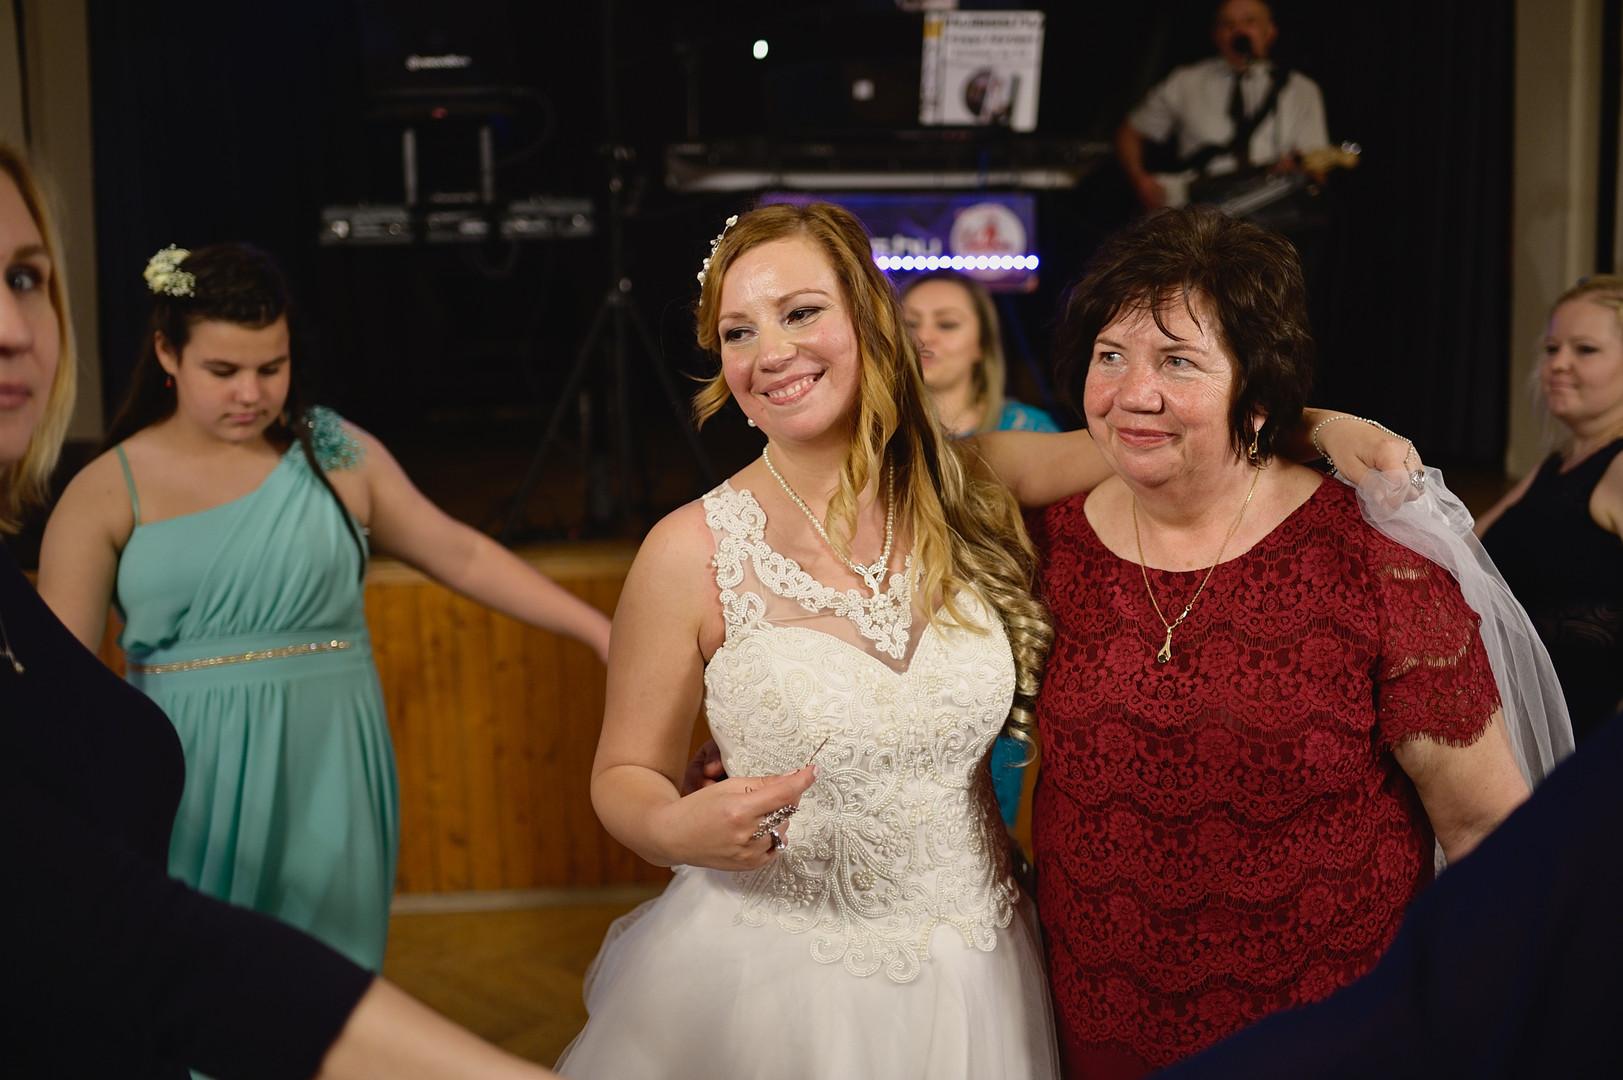 684  Esküvői fotózás - Enikő és Peti Bul